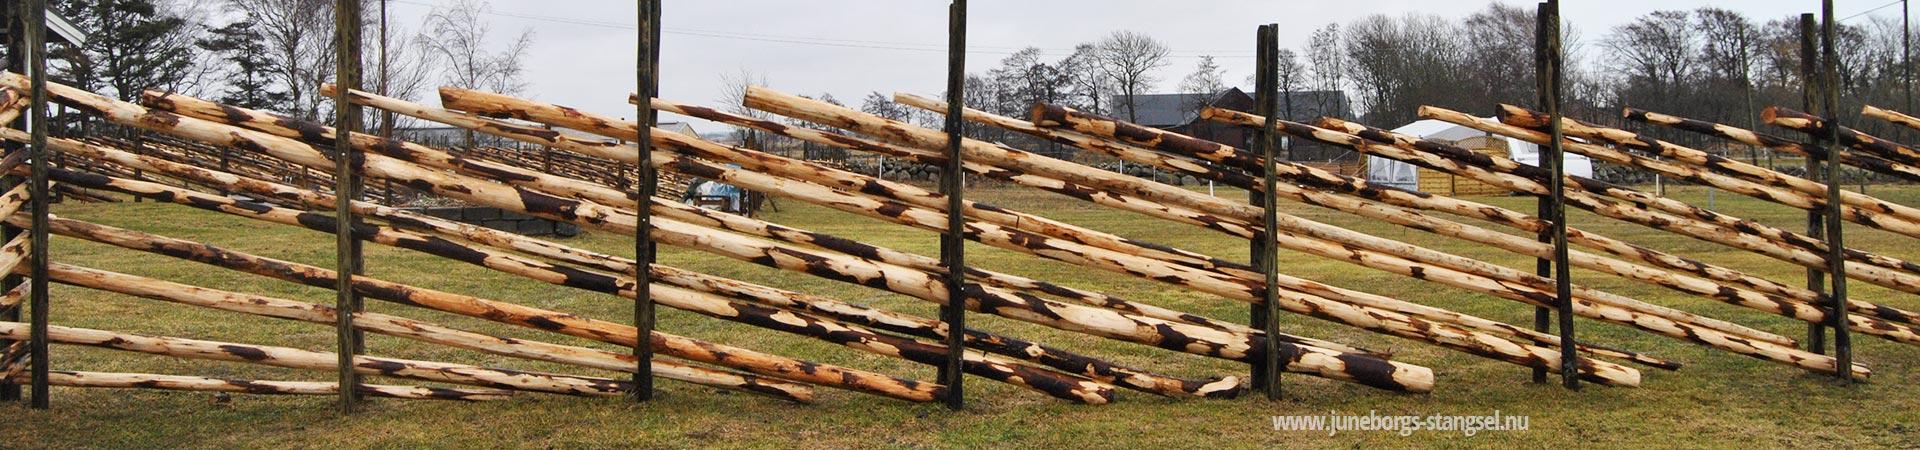 Smålandsstaket för alla miljöer : bygga staket kostnad : Staket